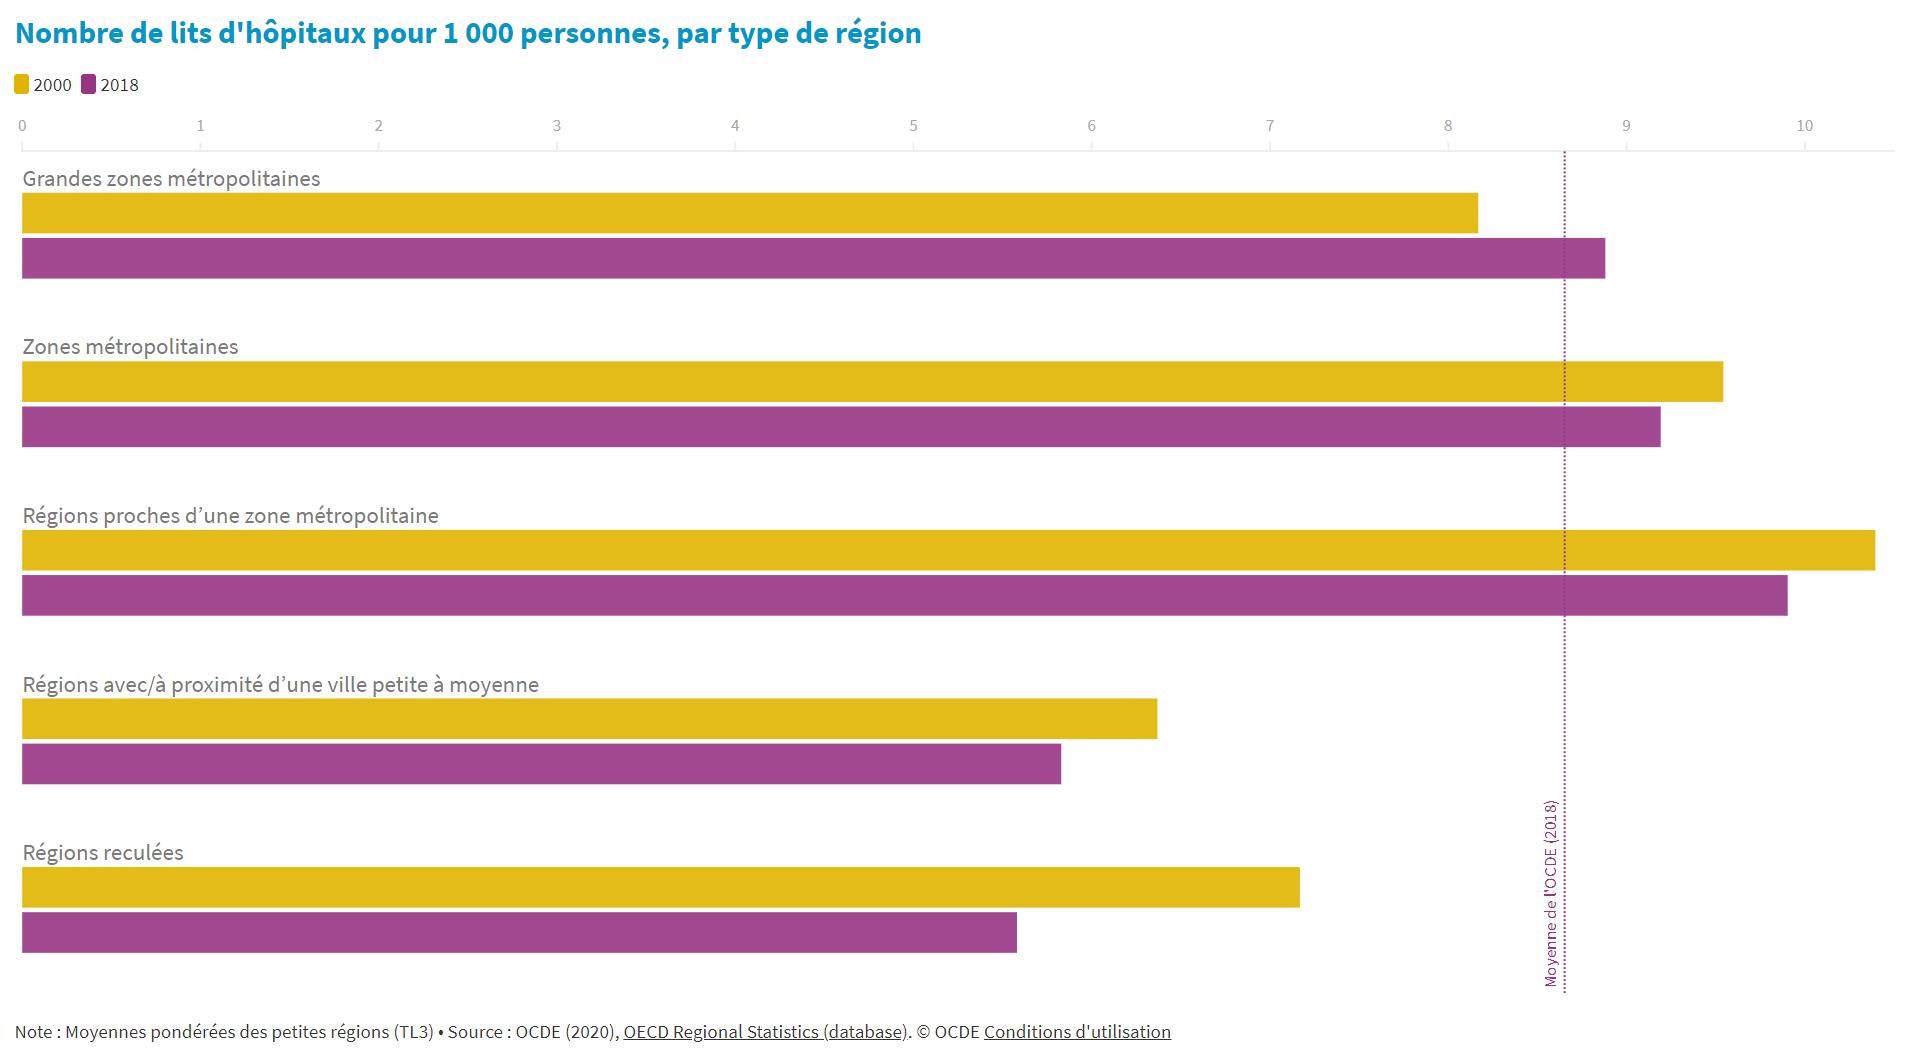 Le nombre de lits d'hôpitaux diminue dans la plupart des régions de l'OCDE, notamment dans les régions reculées